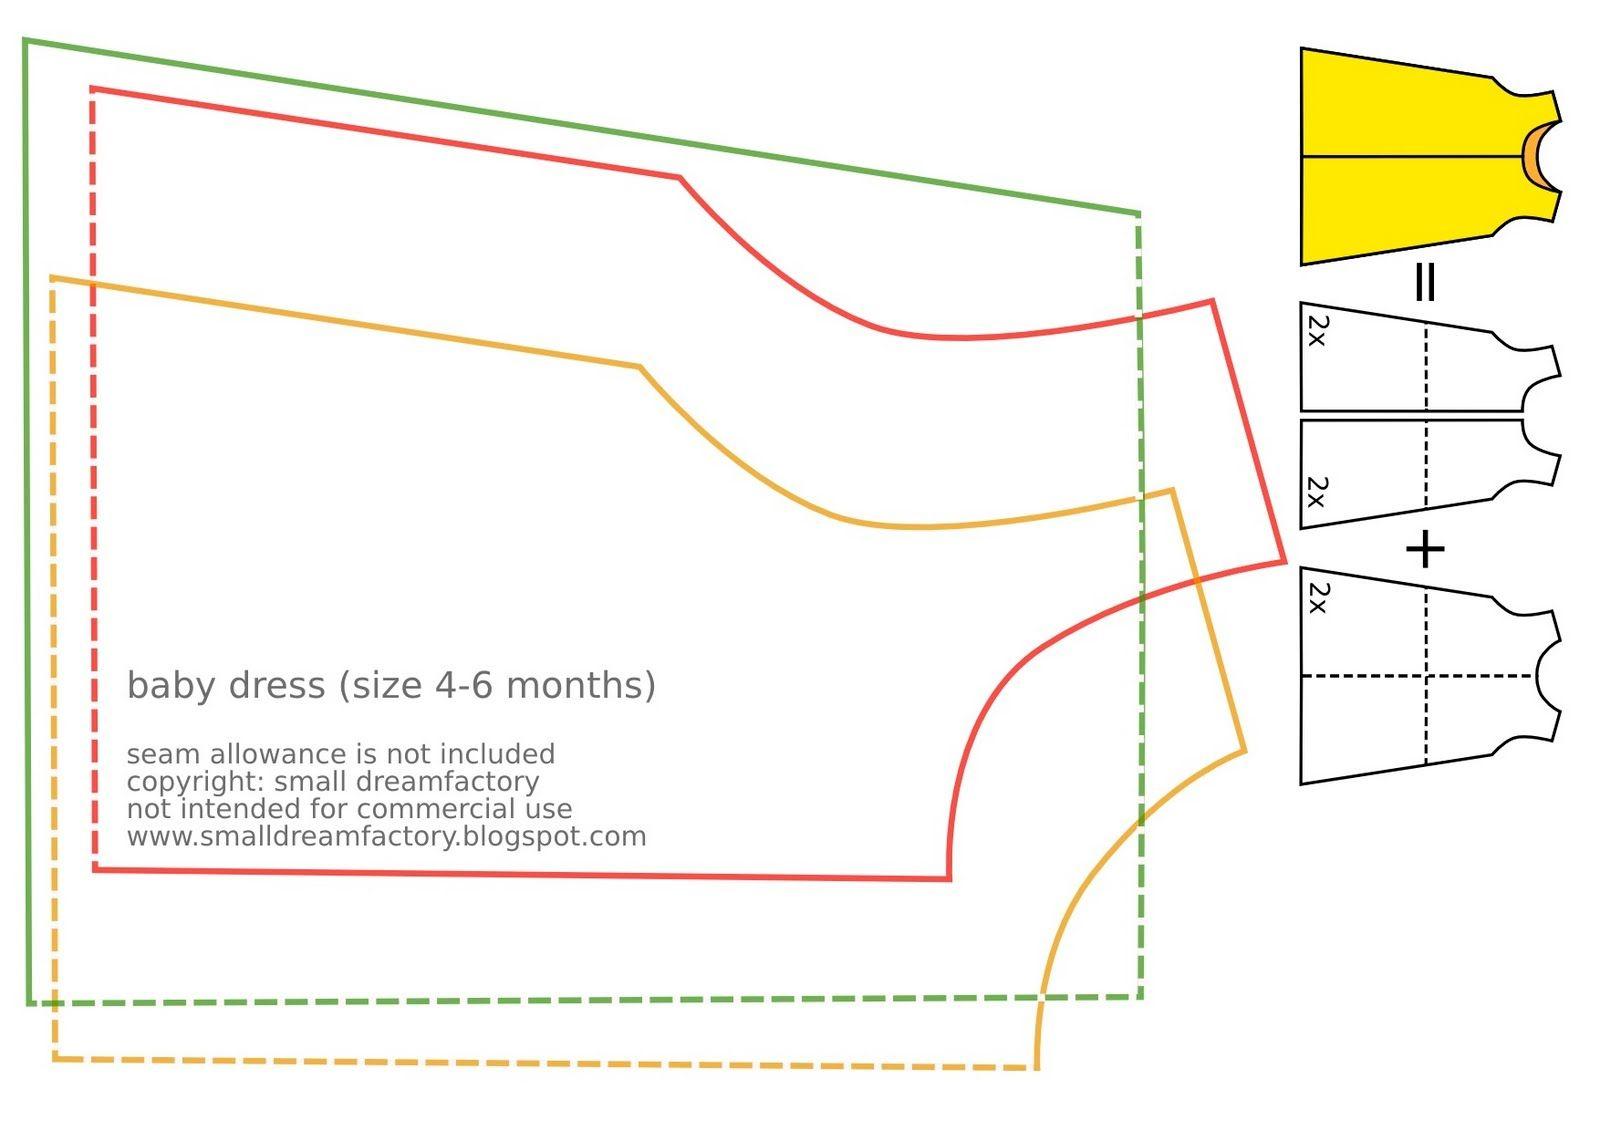 Free Printable Baby Sewing Patterns | Free Sewing Tutorial And - Free Printable Patterns